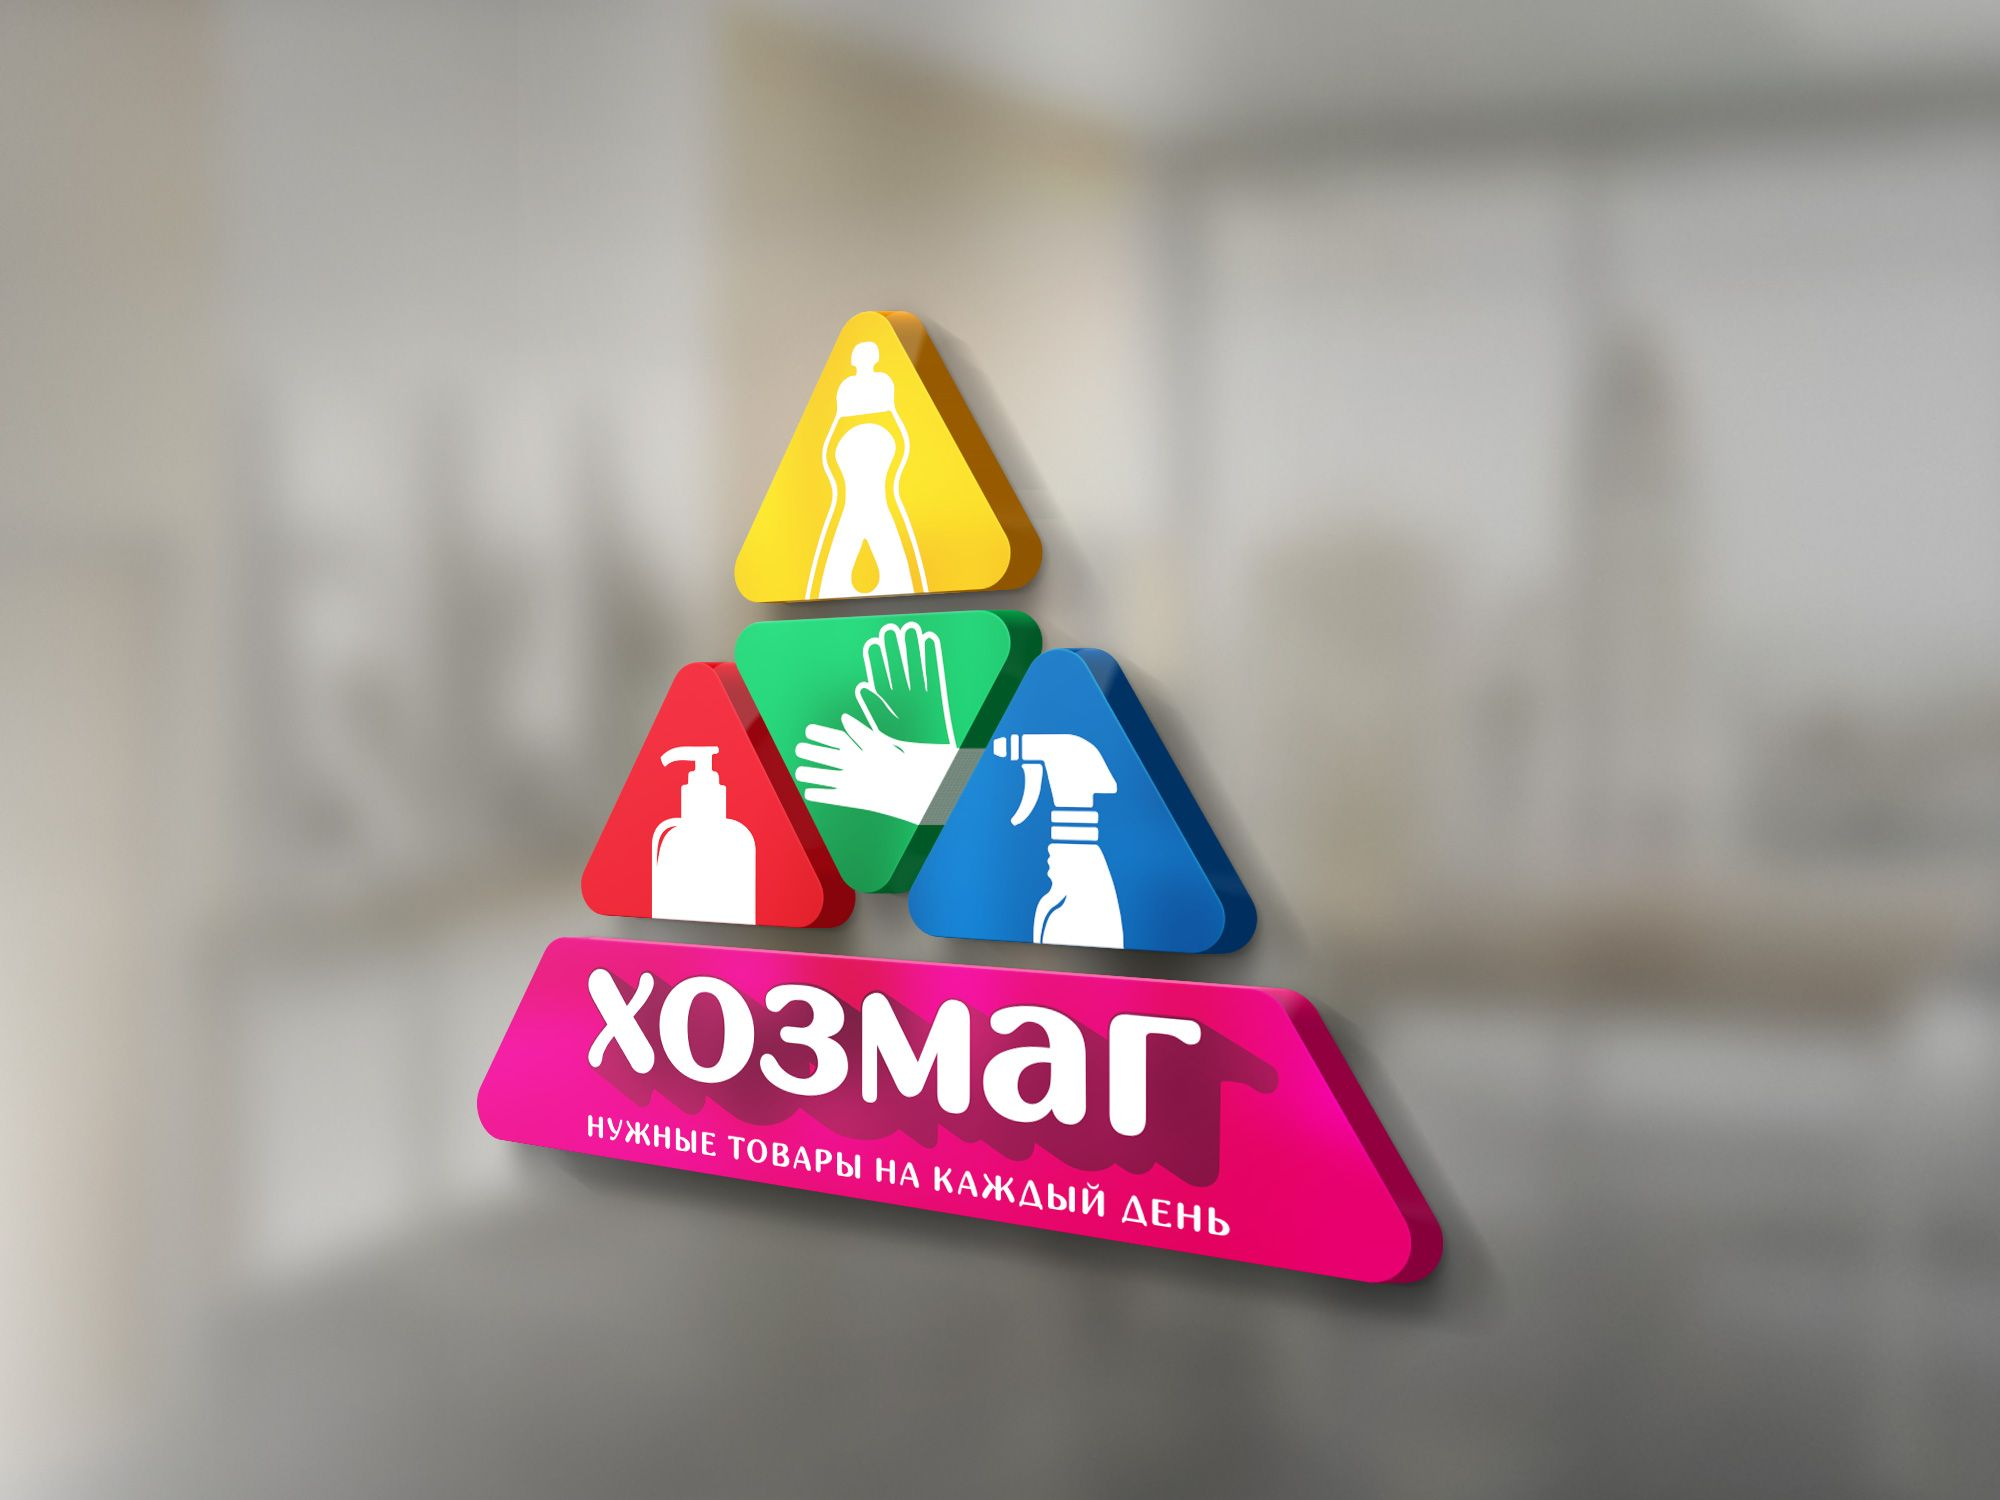 Логотип для ХозМаг - дизайнер mit-sey